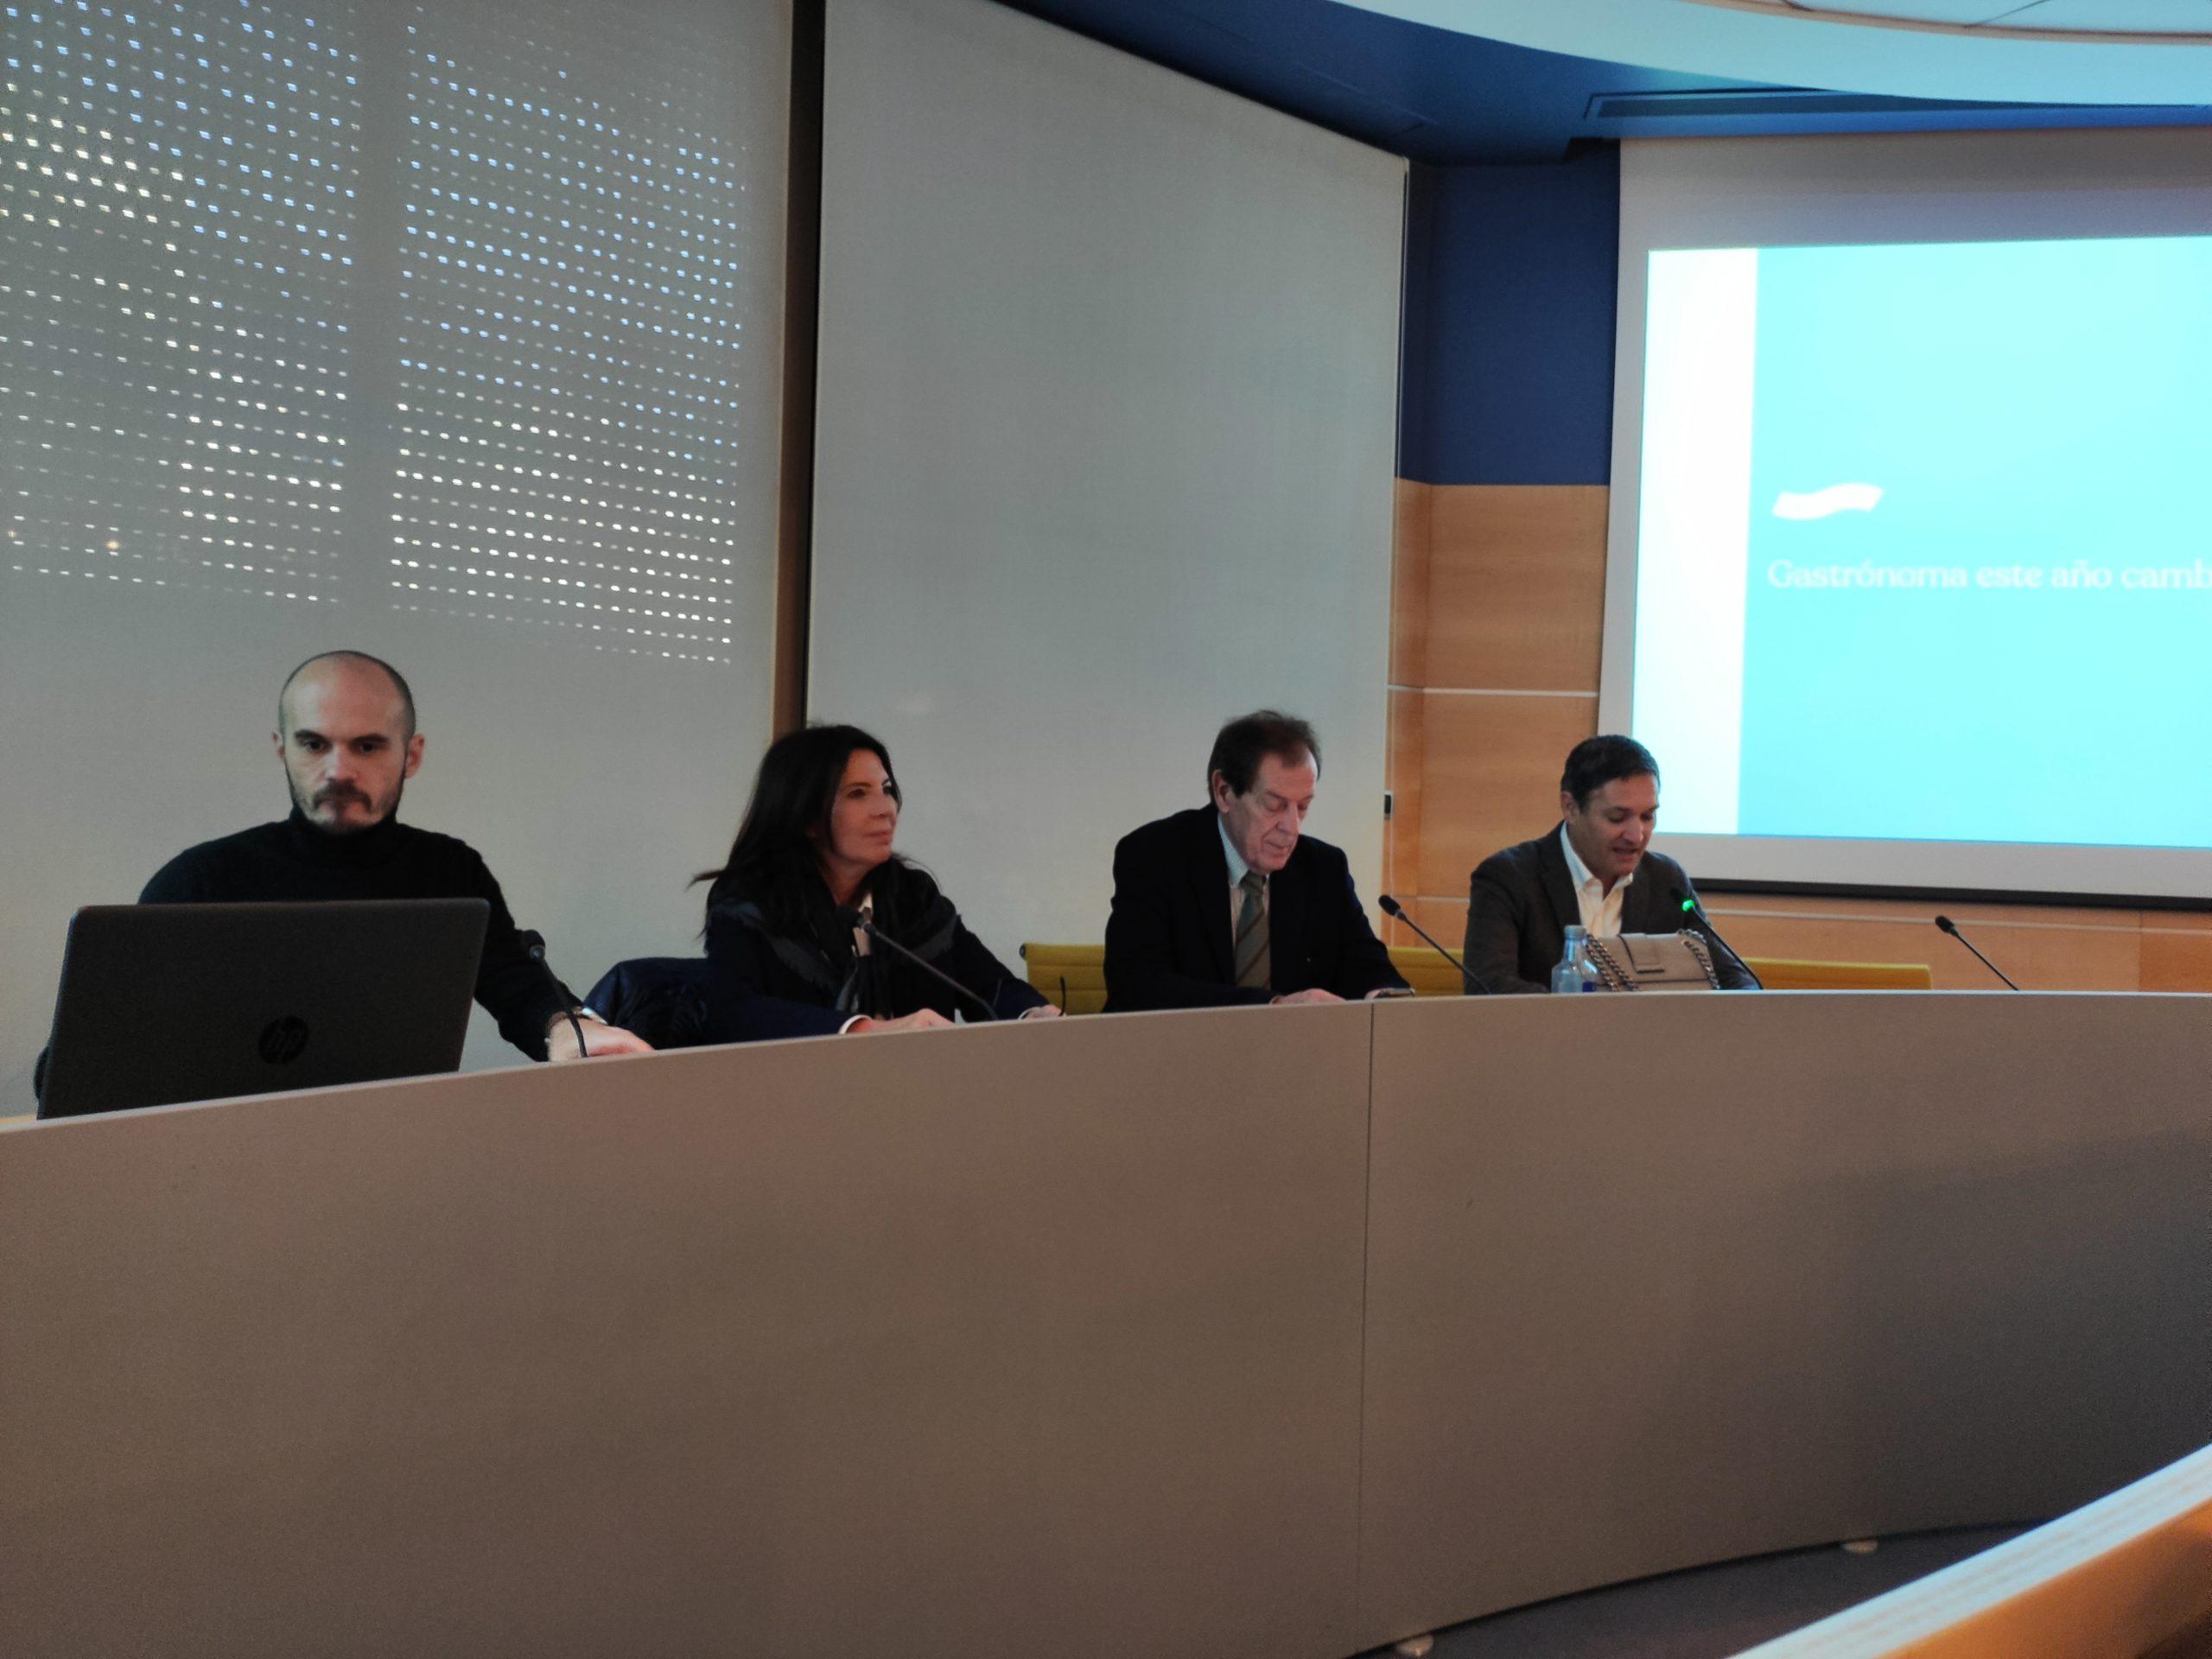 Jesús Terrés, Cuchita Lluch, Carlos Mataix y Alejandro Roda durante la presentación